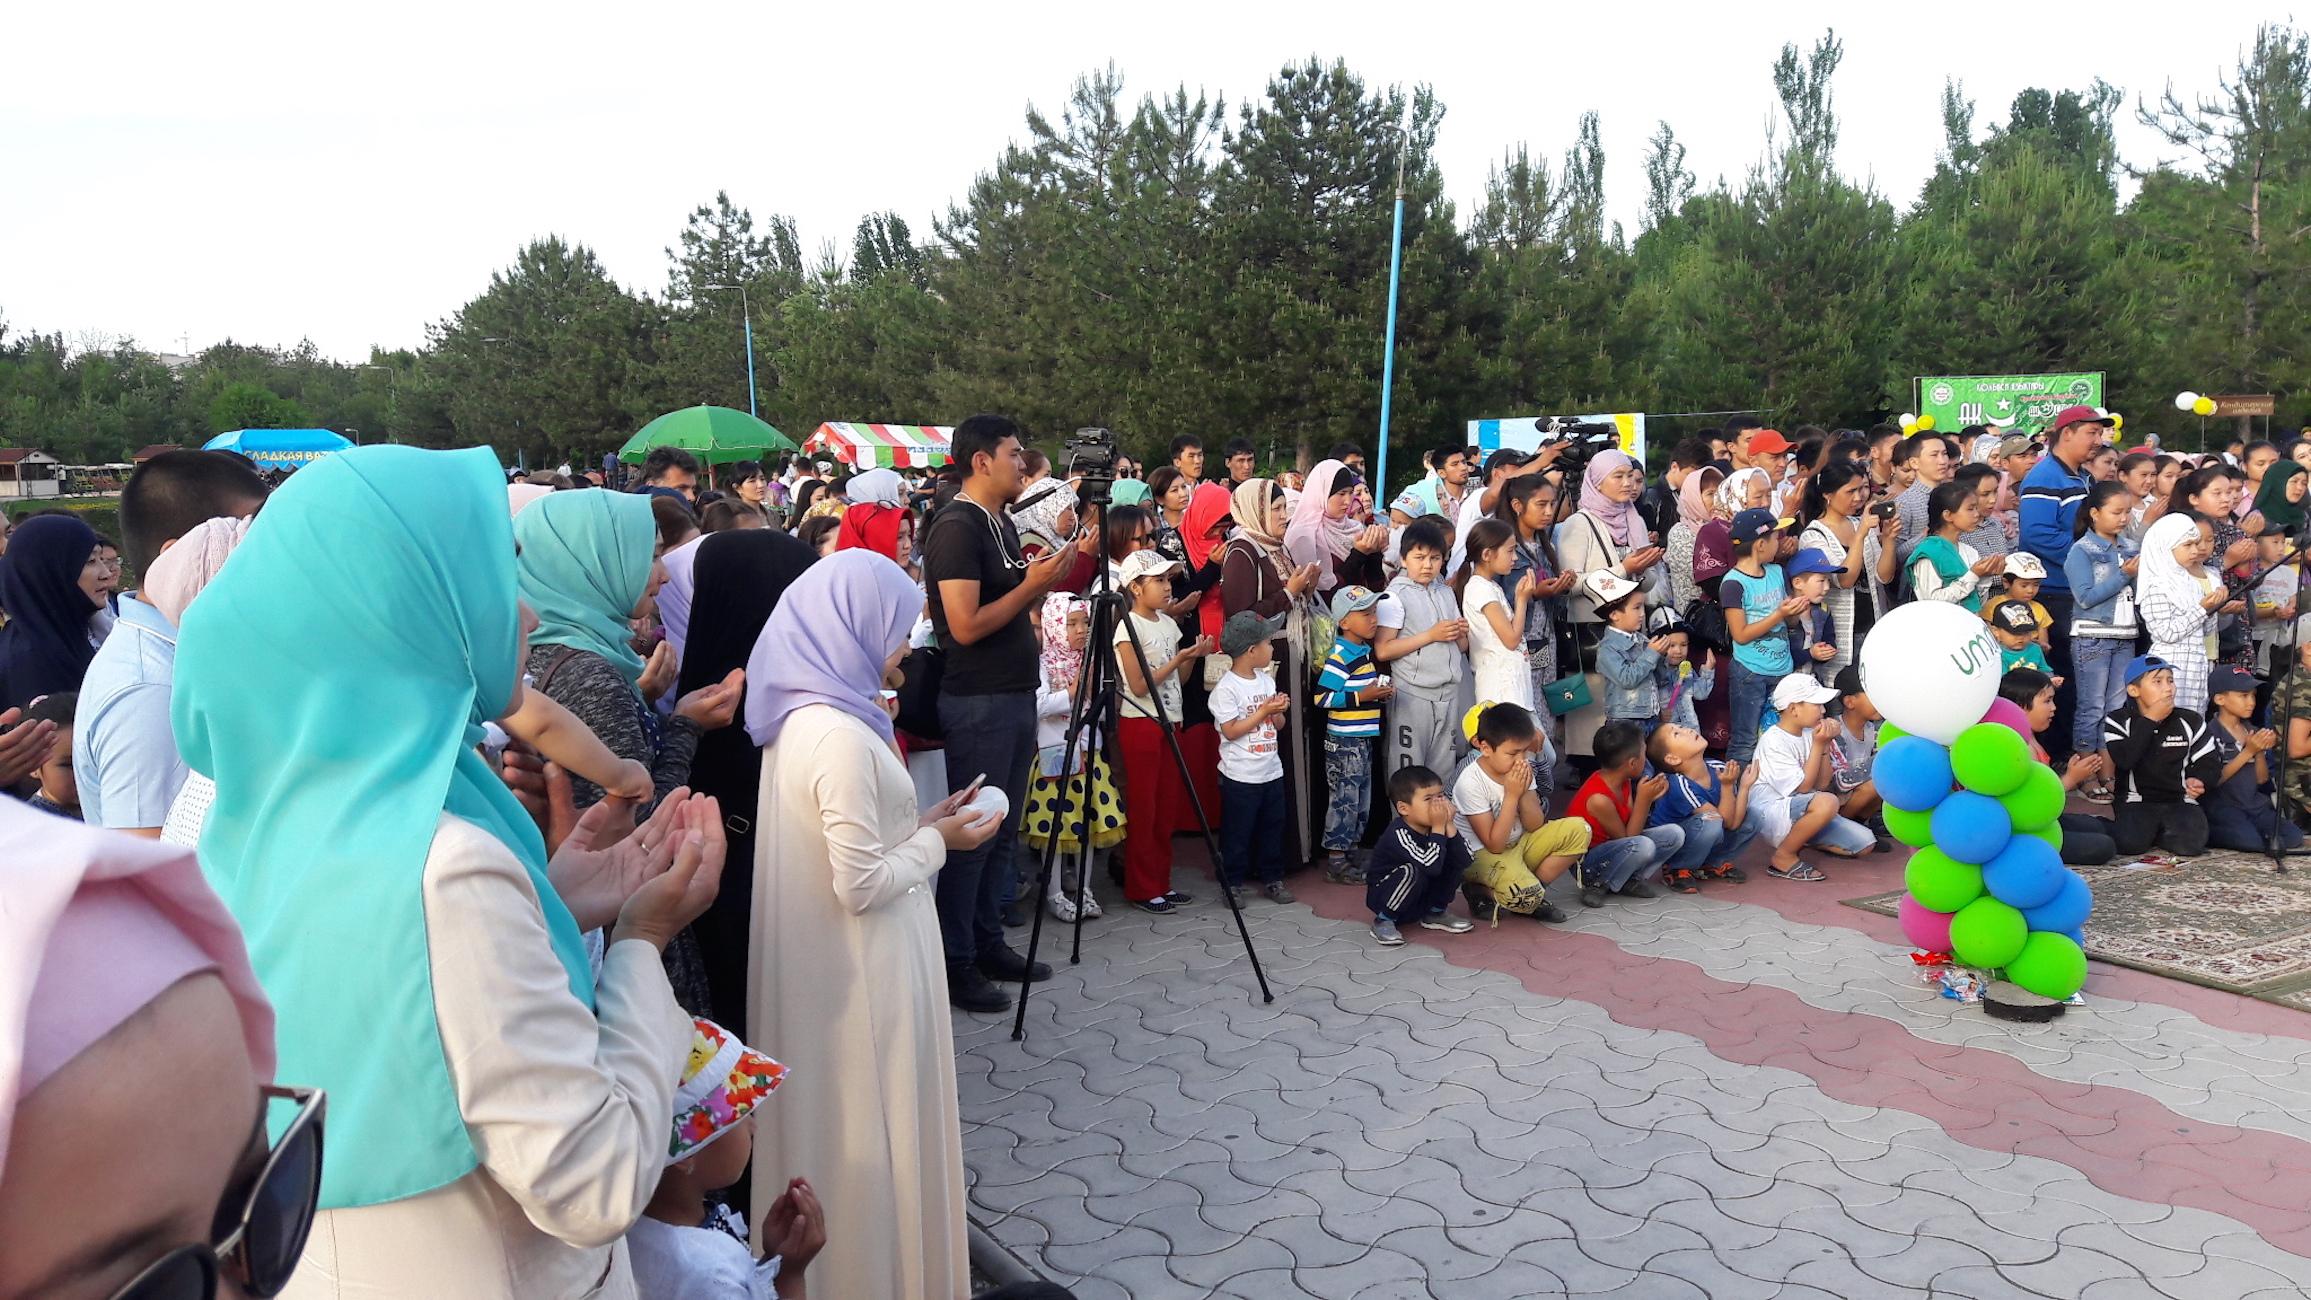 Фестиваль в честь Рамазана в Бишкеке способствует миру среди верующих